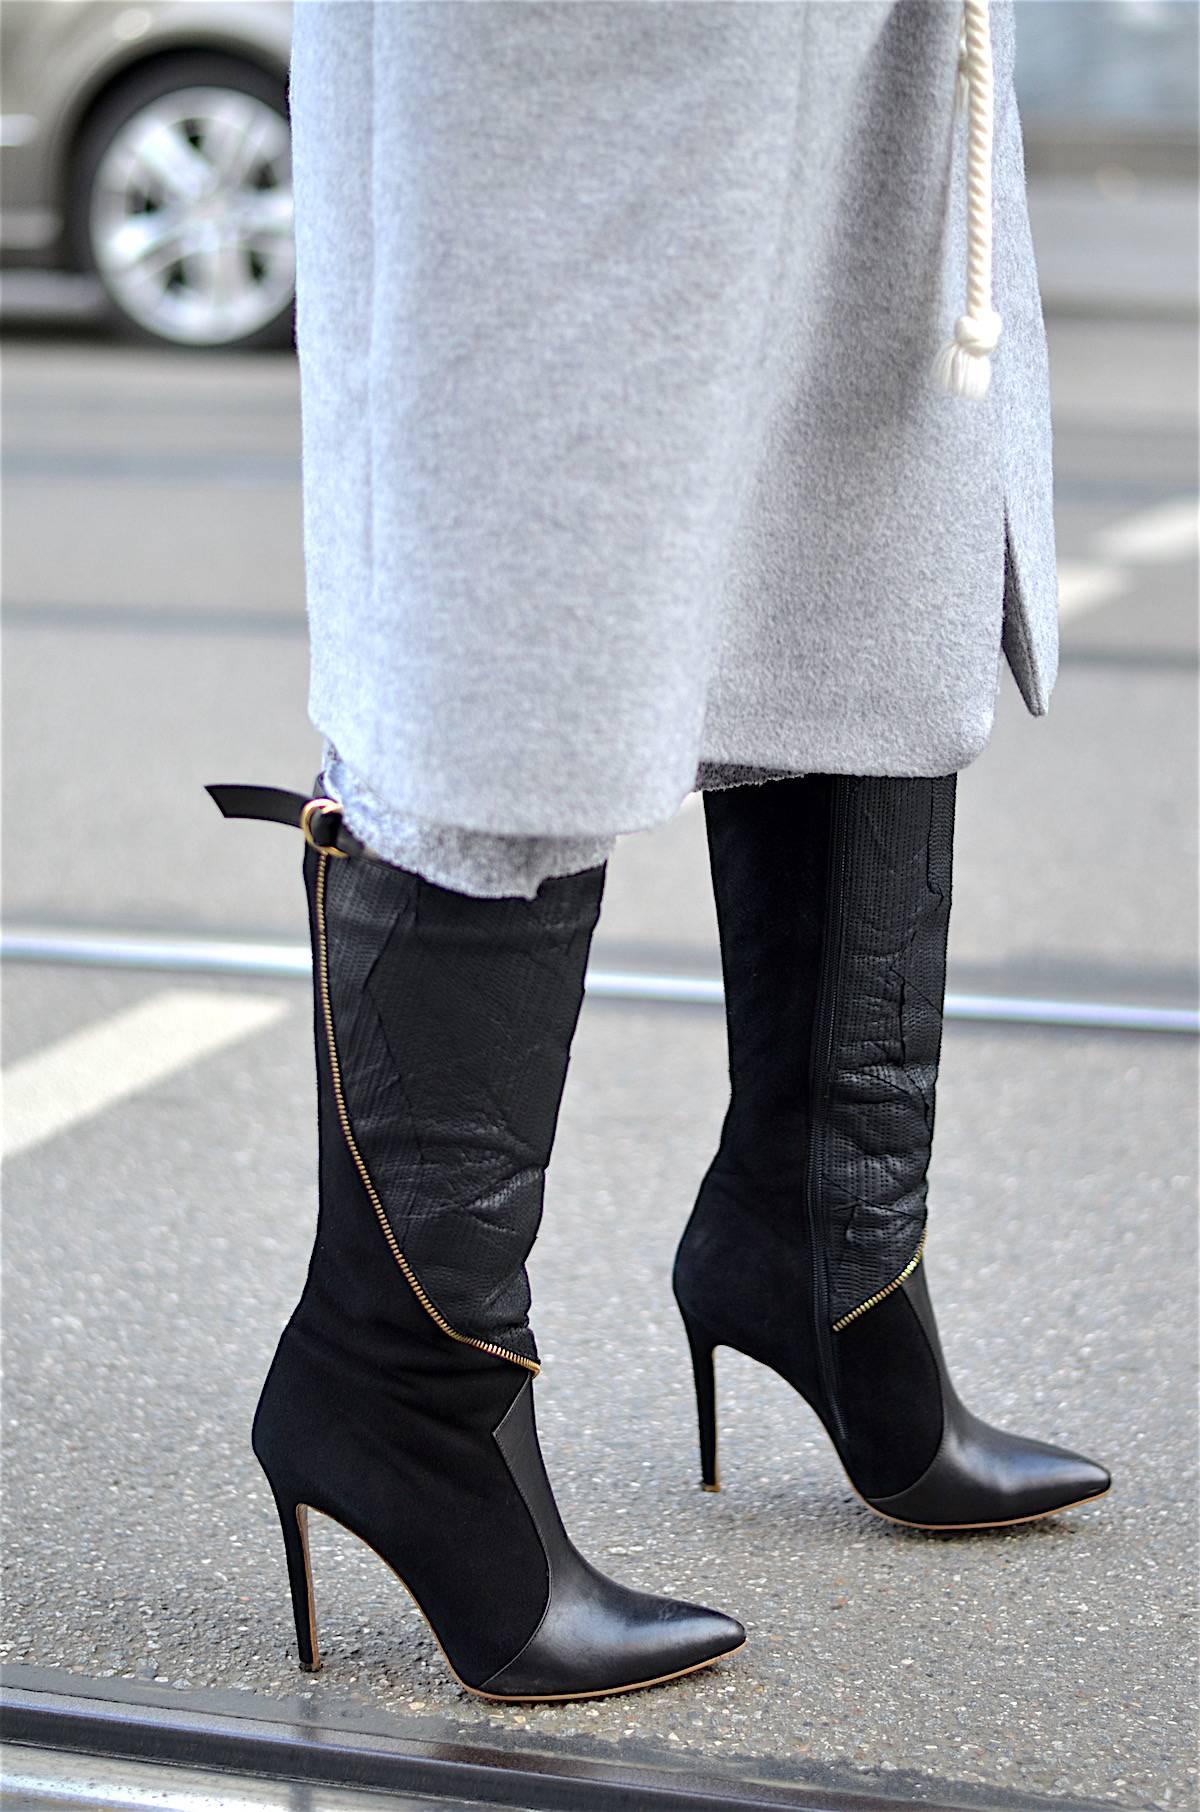 The Long Grey Wool Coat - Wollmantel - Ootd - Streetstyle - Munich - Black Boots - Schwarze Stiefel - Fersengold - René Lezard - Mantel - Kerbholz Sonnenbrille - Ponytail - Glockenbach München